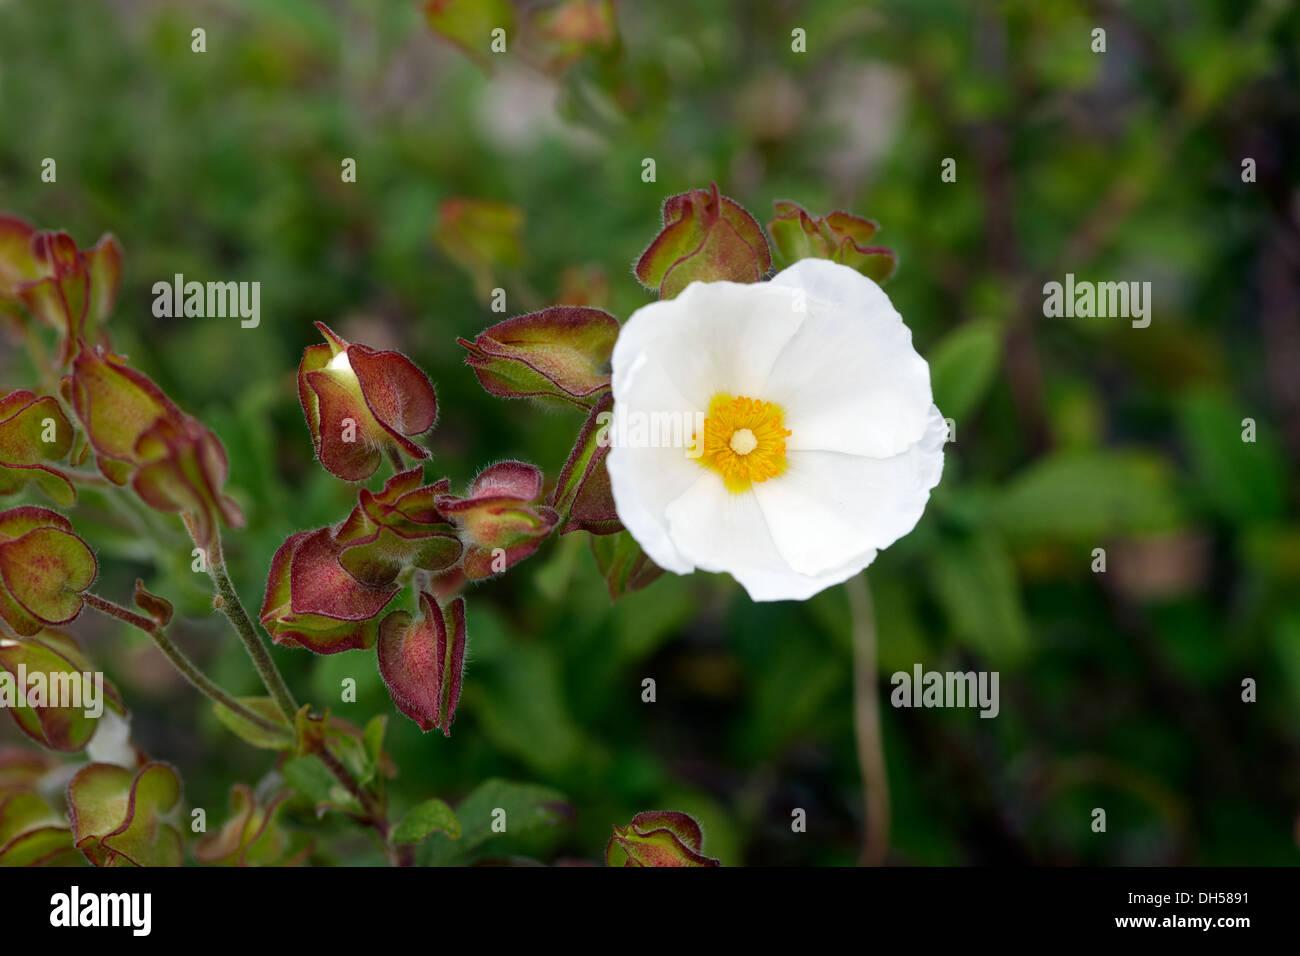 Cistus × obtusifolius 'Thrive' - Stock Image